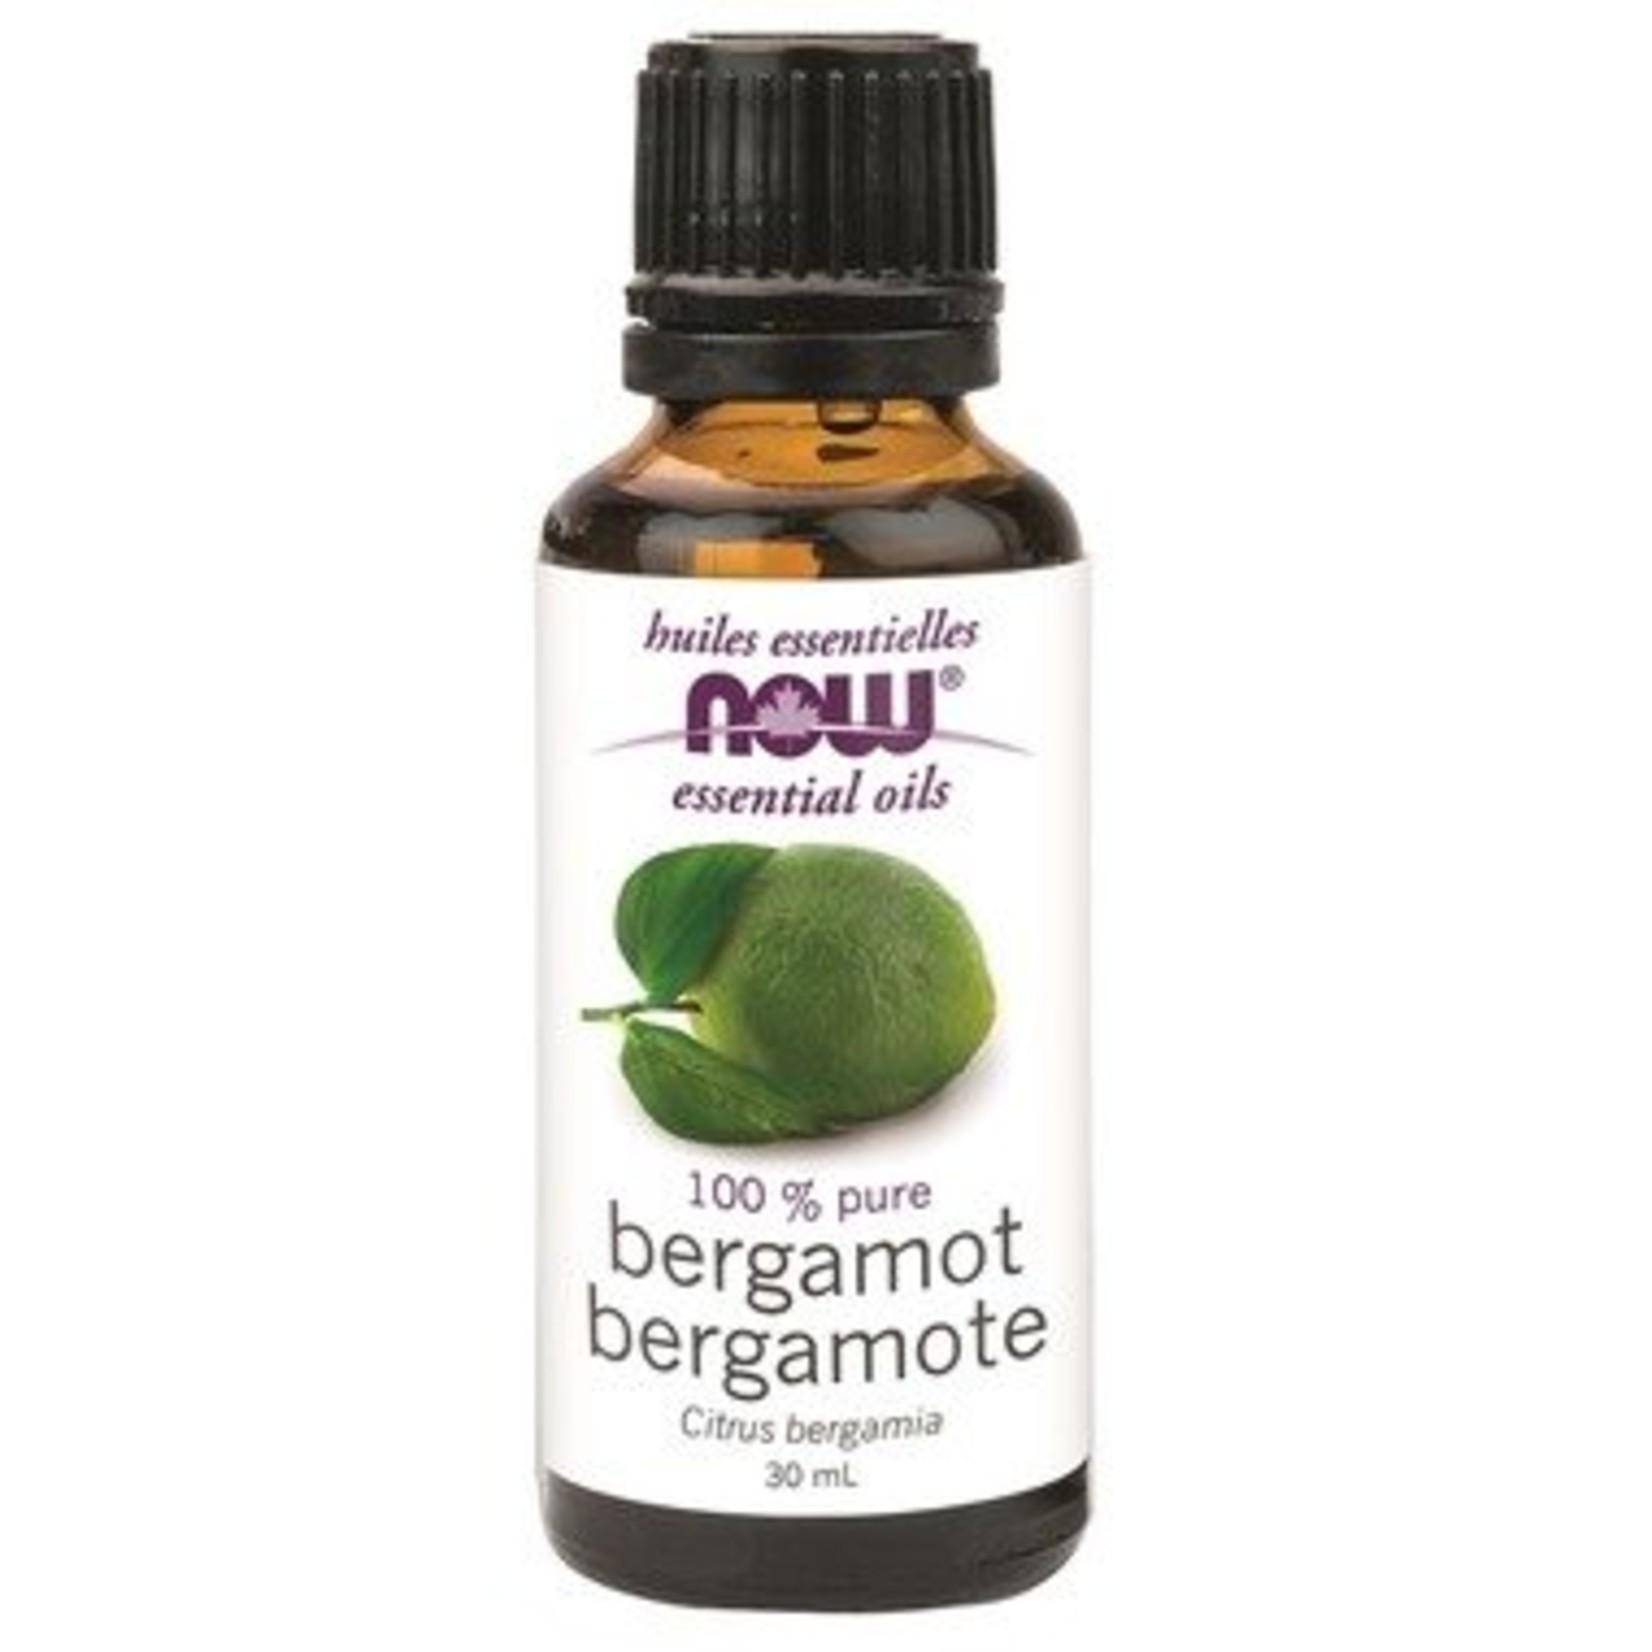 NOW NOW Bergamot Oil 30mL